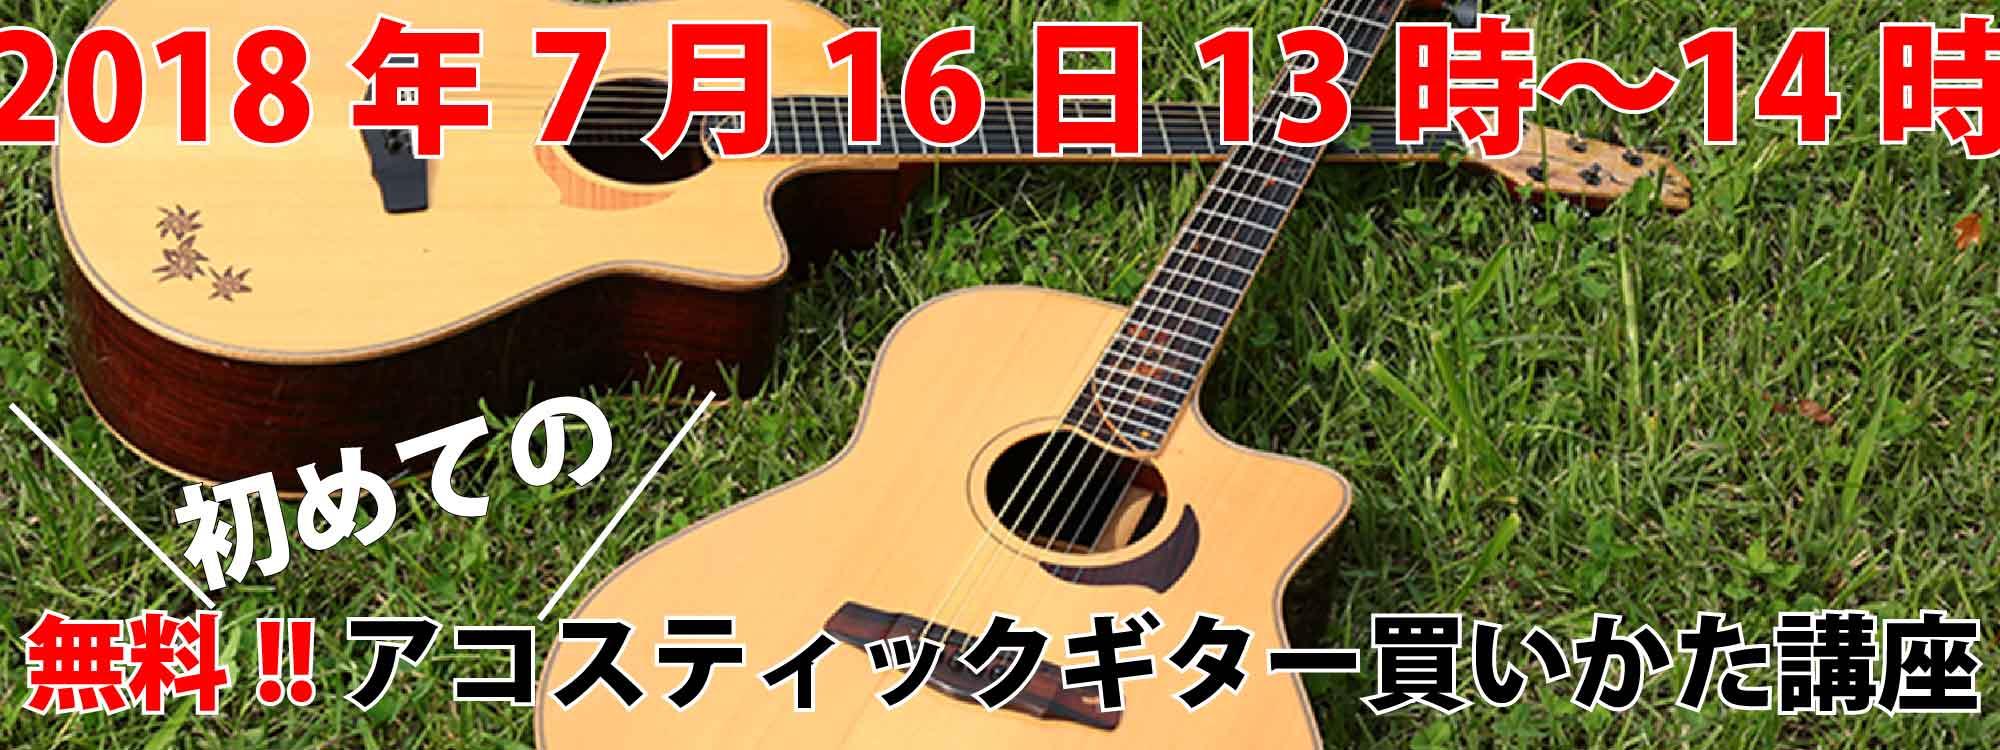 無料!!初めてのアコスティックギター買いかた講座(2018年7月16日(15~16時))